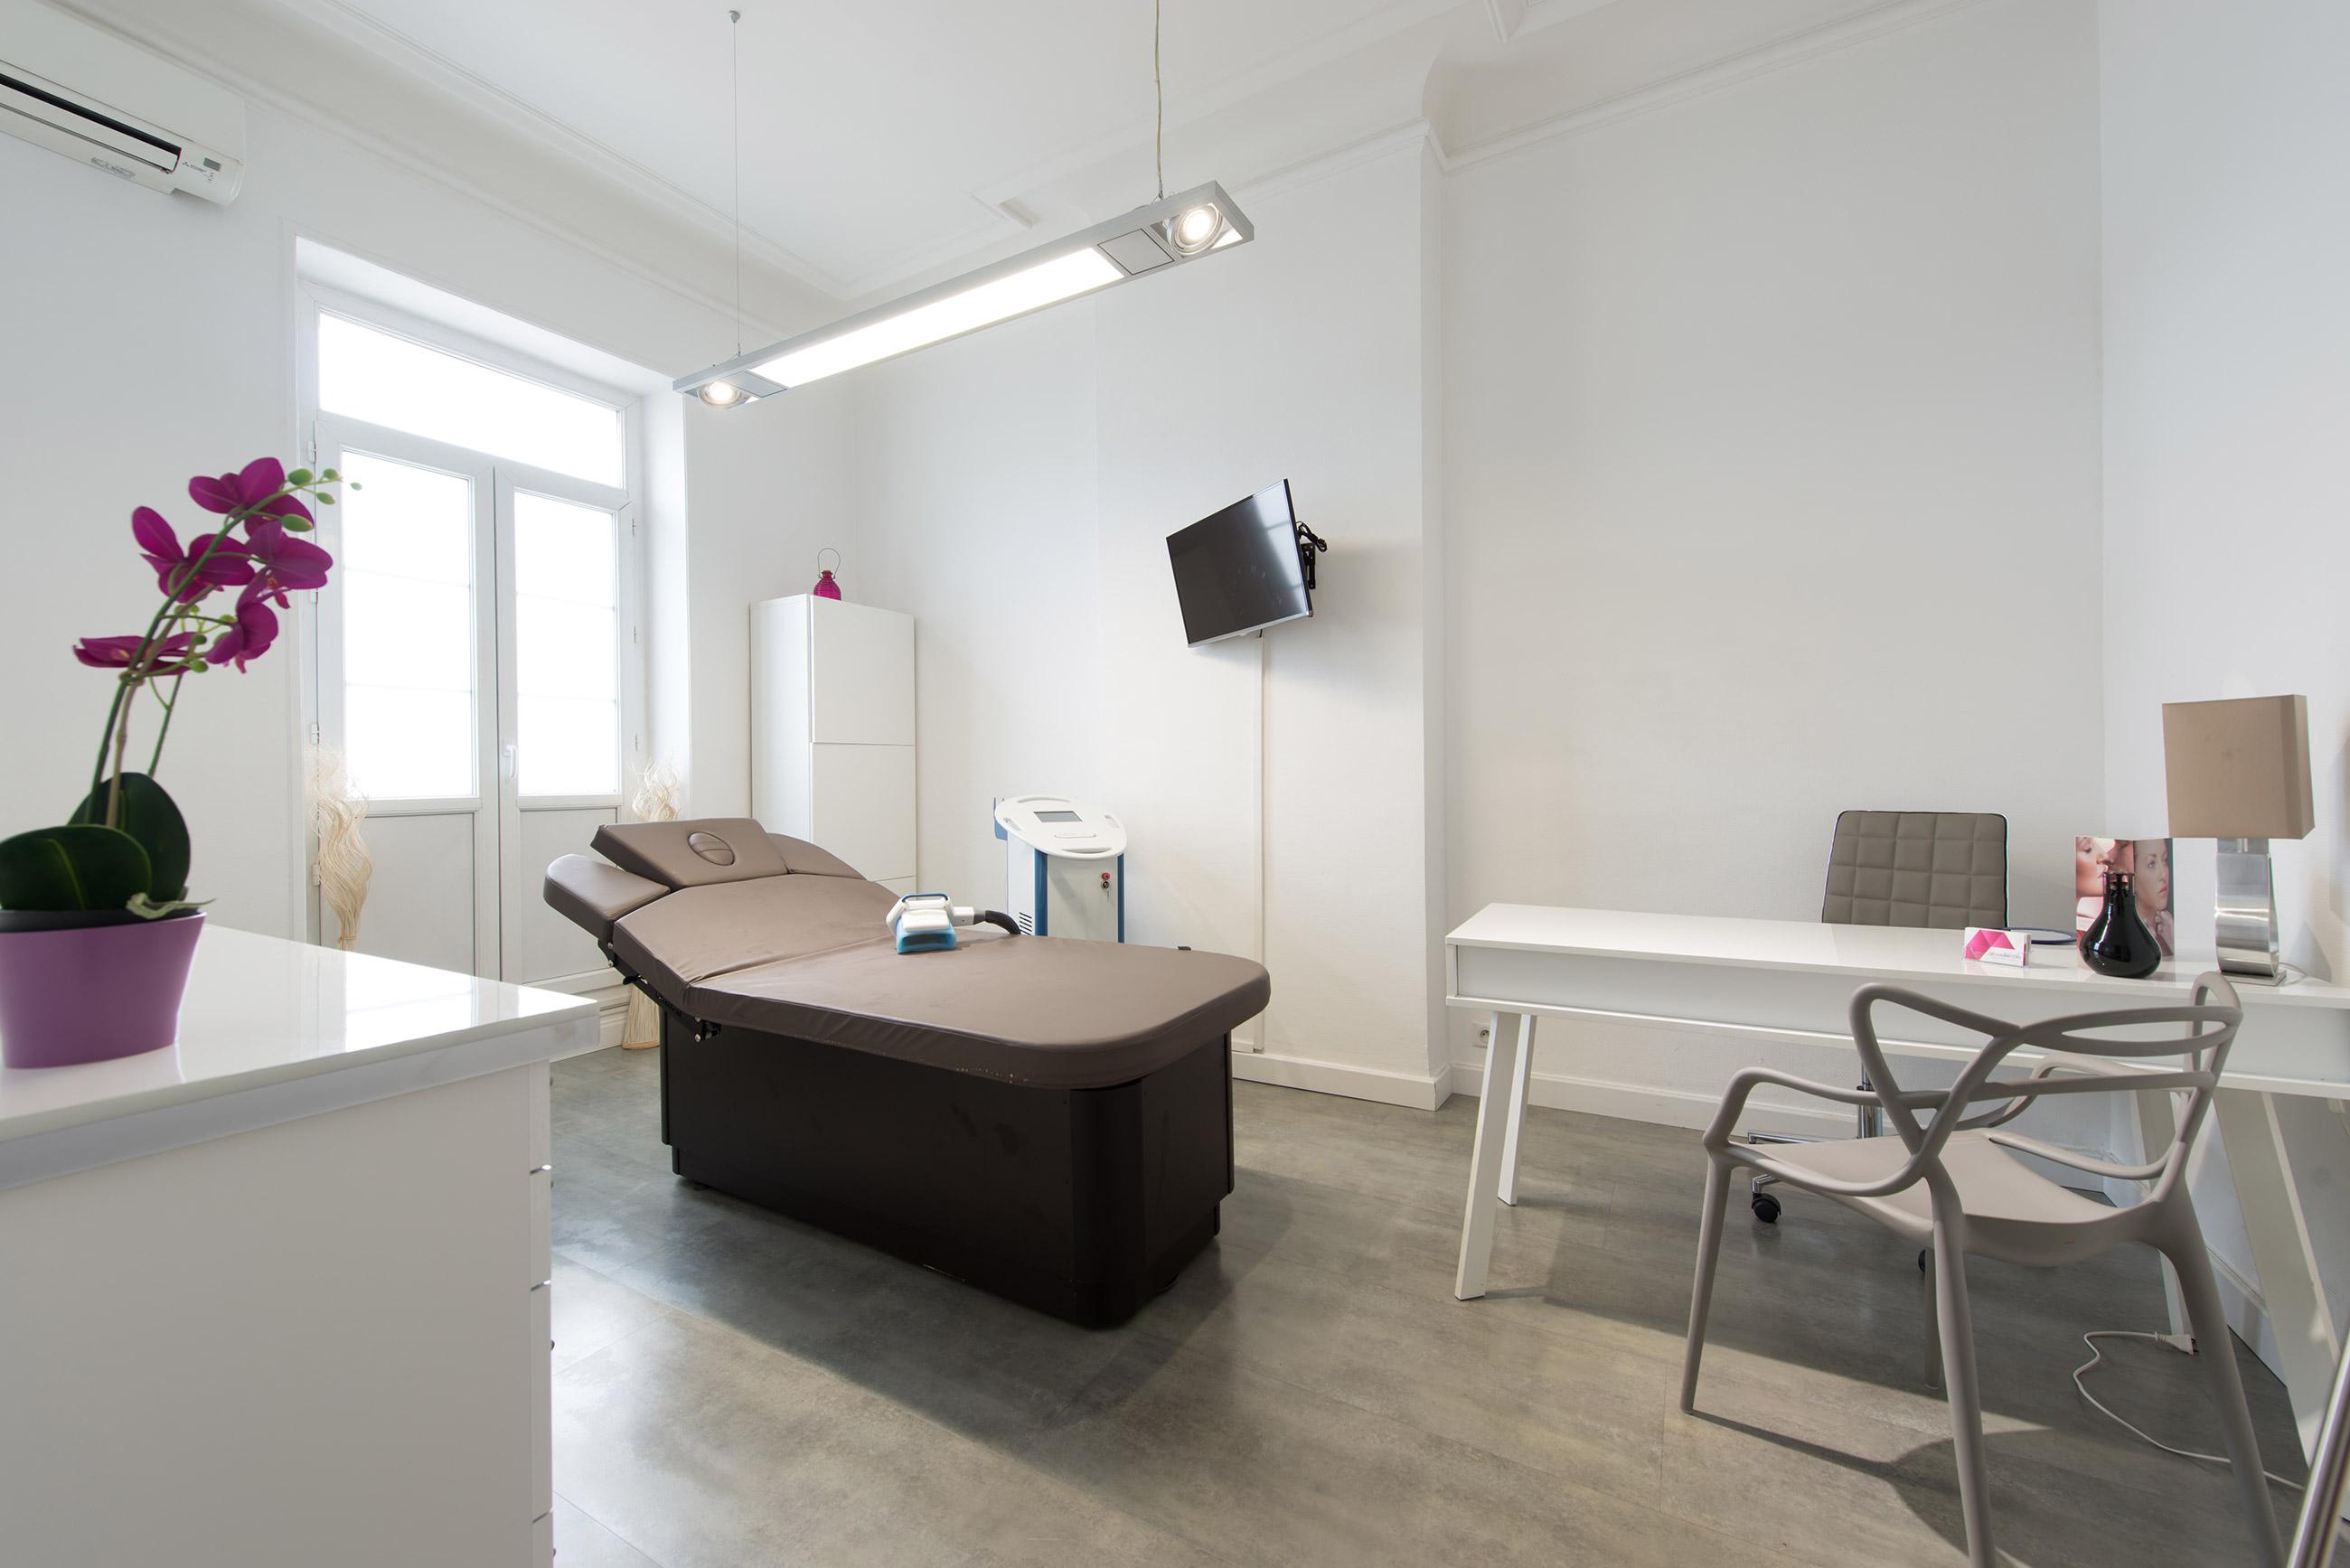 le centre amaderma amaderma centre m dical esth tique. Black Bedroom Furniture Sets. Home Design Ideas